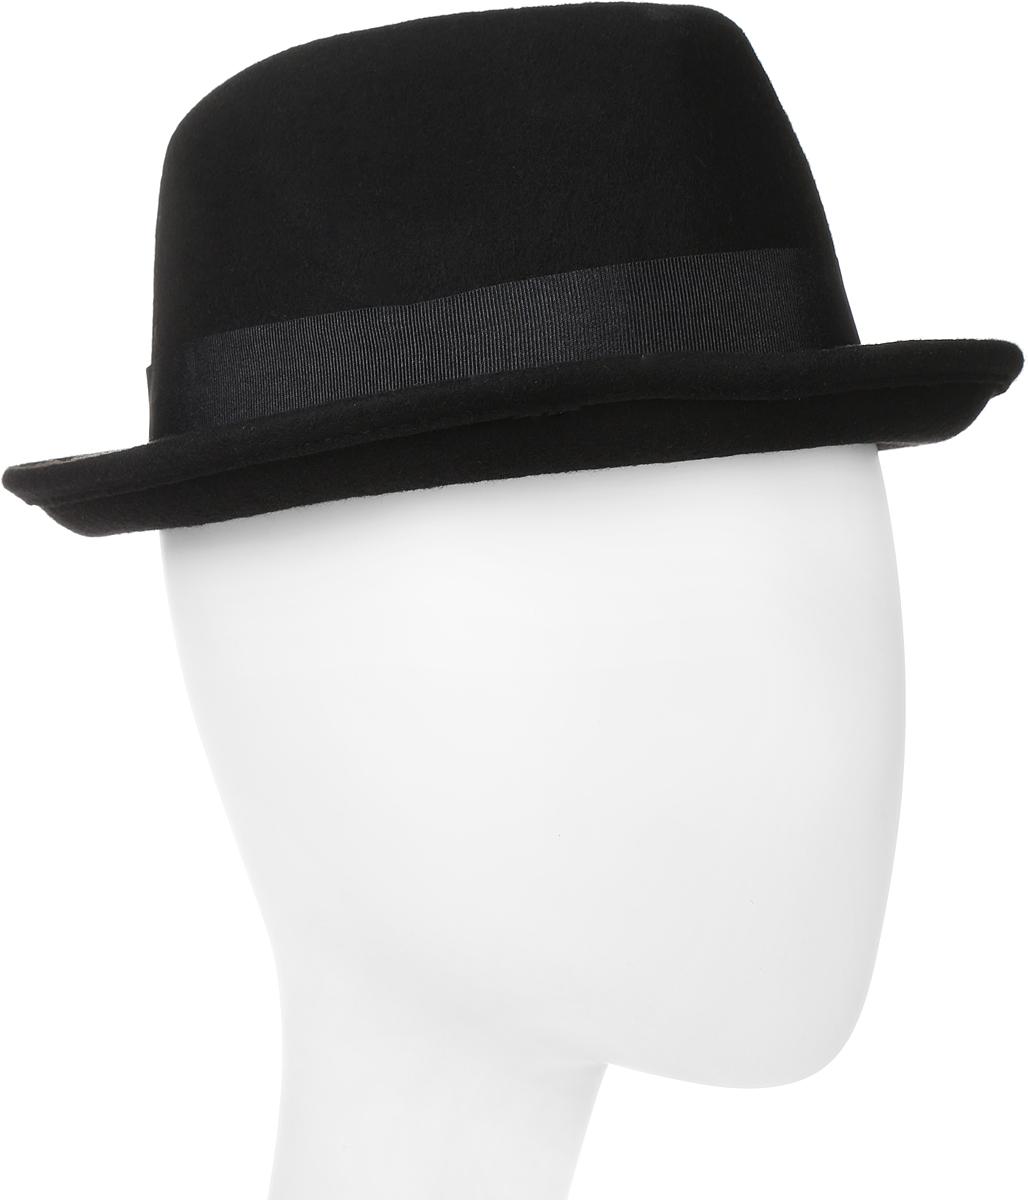 Шляпа Goorin Brothers, цвет: черный. 100-5799. Размер L (59)100-5799Элегантная шляпа Goorin Brothers, выполненная из фетра, дополнит любой образ. Модель с узкими полями, невысокой вертикальной тульей с продольным заломом и загнутыми вверх полями. Шляпа Homburg по тулье оформлена широкой текстильной лентой с бантом и дополнена металлическим элементом в виде логотипа бренда. Внутри модель дополнена подкладкой из шелковистого полиэстера и плотной тесьмой для комфортной посадки изделия по голове. Аккуратные поля шляпы придадут вашему образу таинственности и шарма. Такая шляпа подчеркнет вашу неповторимость и прекрасный вкус.